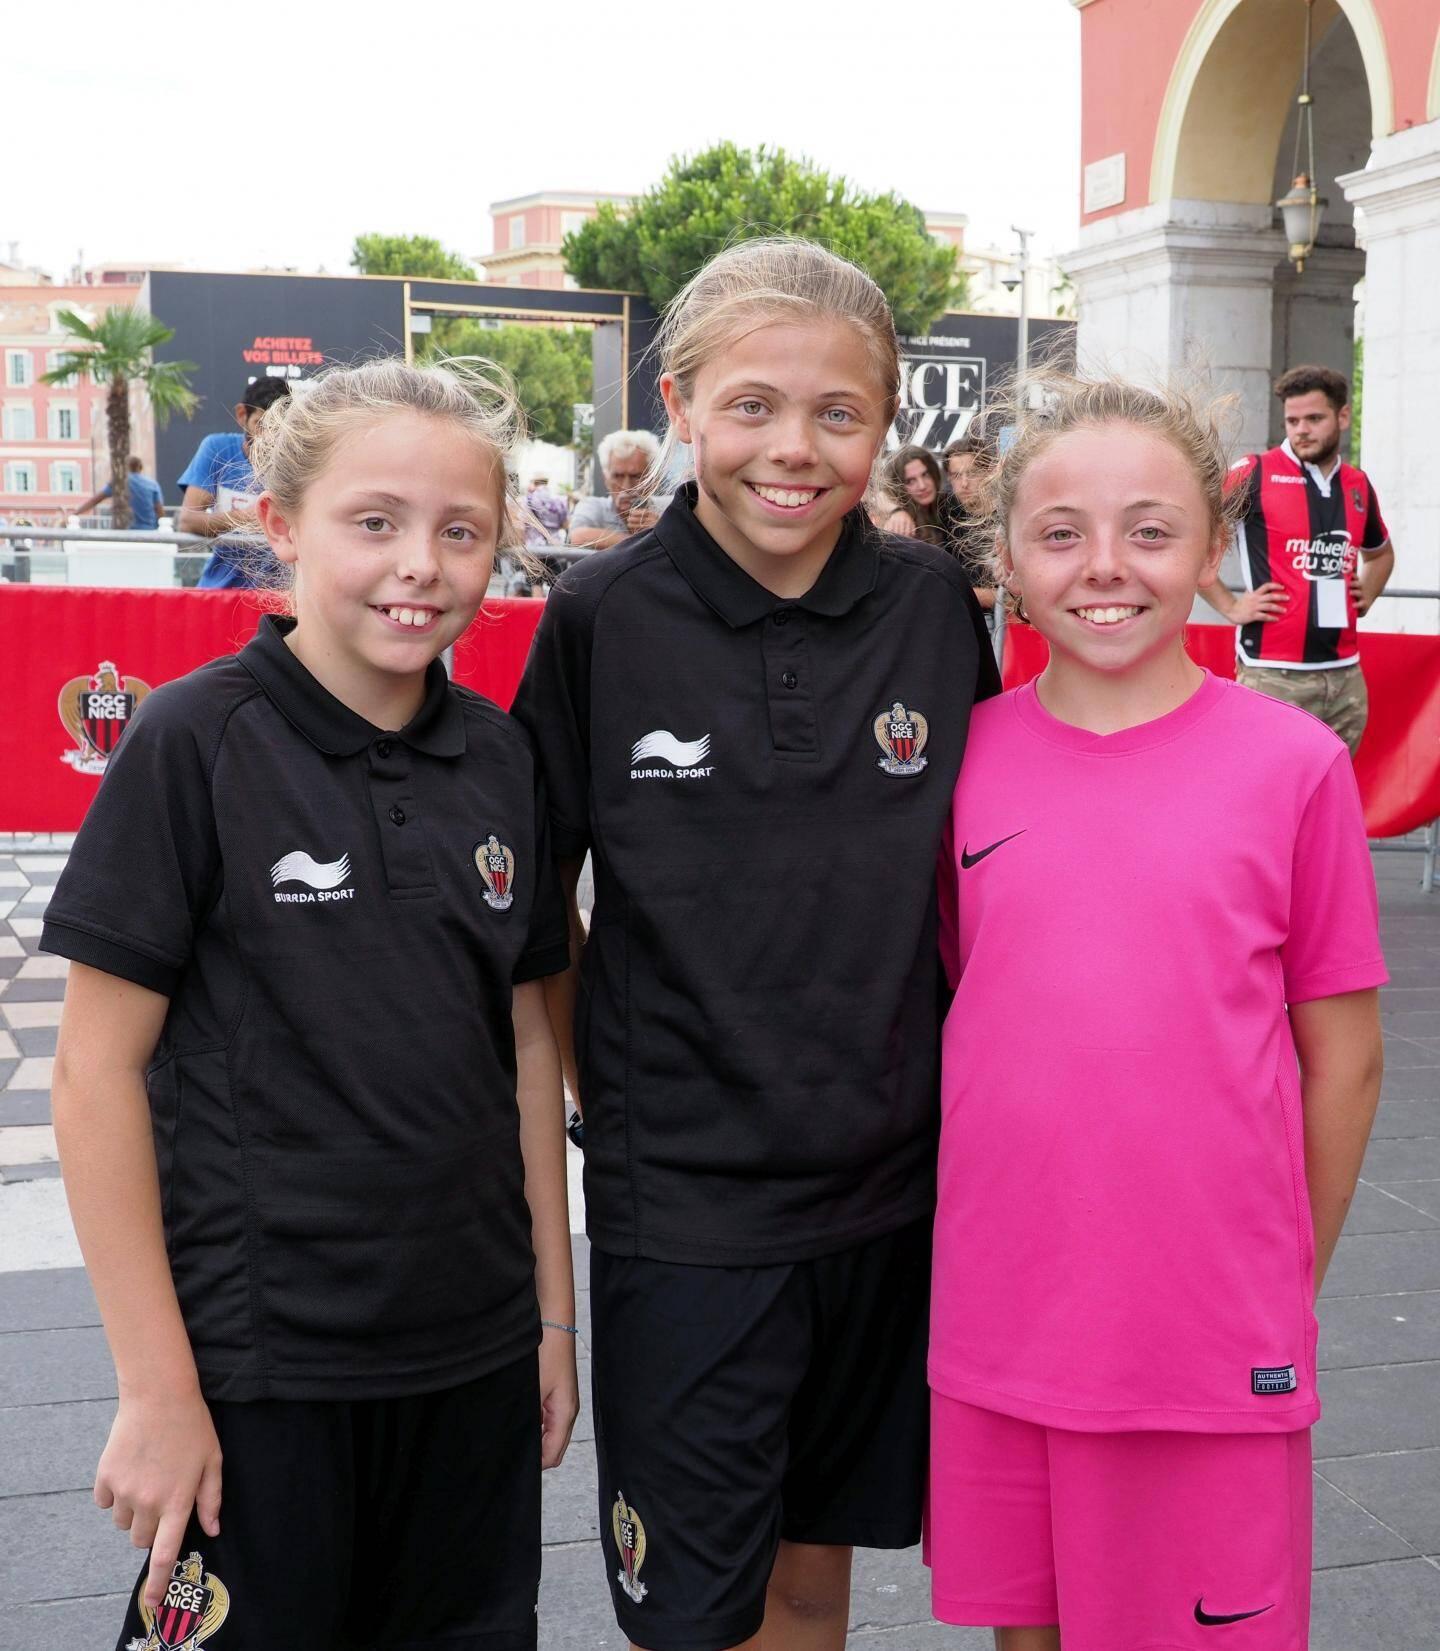 De gauche à droite, Elsa, Victoria et Deborah : trois sœurs et trois jolis minois fans du Gym ! « On passe une super journée, note Victoria. Ce que je préfère, c'est les tirs au but (un jeu d'adresse). On s'amuse bien et en plus on voit les joueurs de près ».